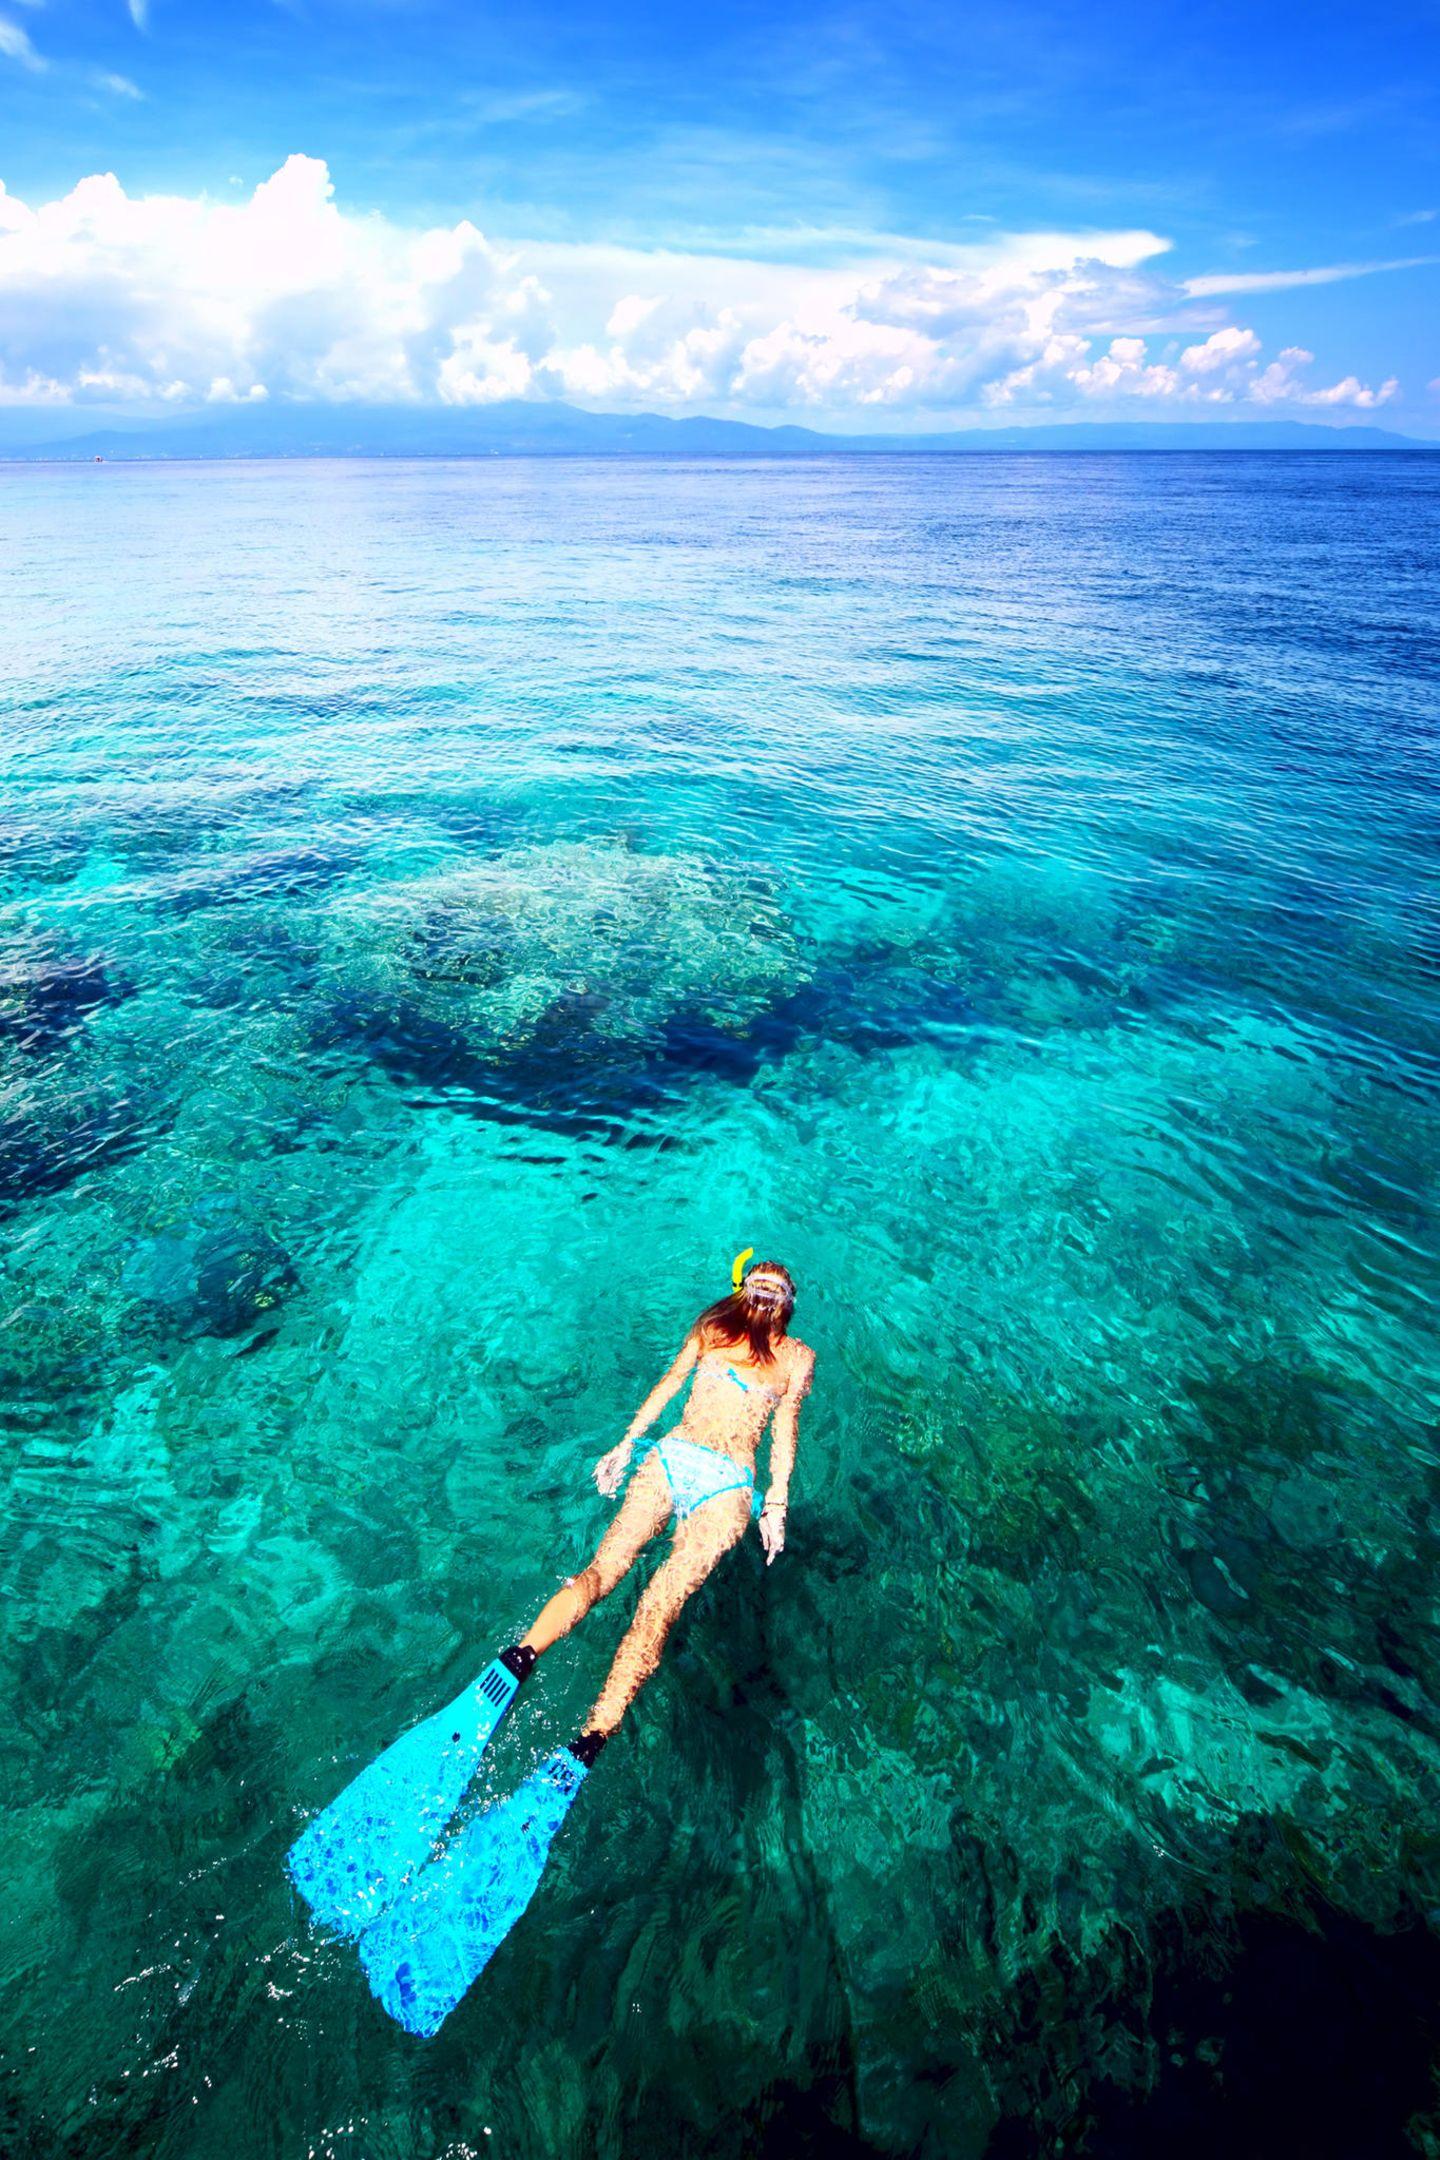 Sonnecreme schädigt Korallen